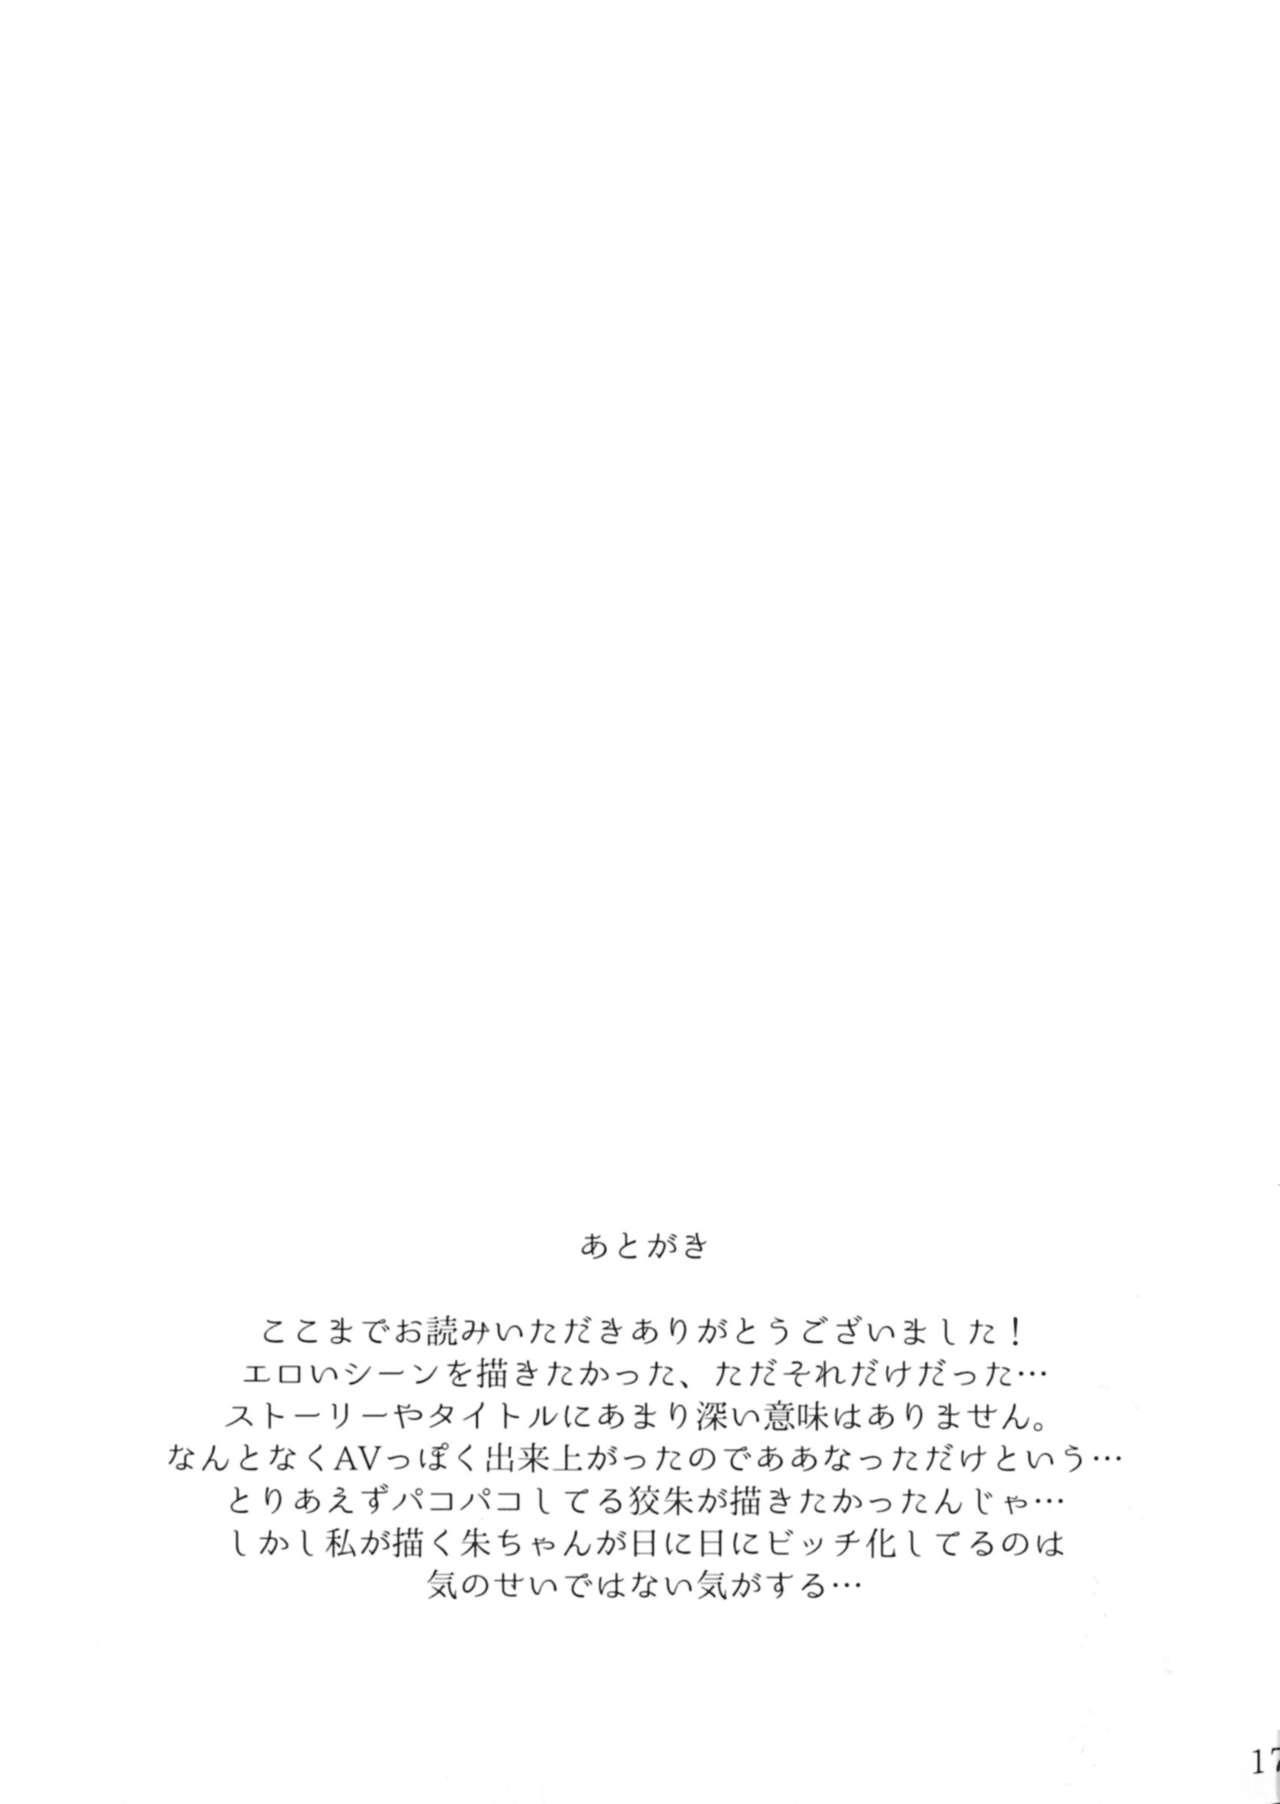 Shirouto Kanshikan Nijuuyoji 1 | The new inspector 1 16